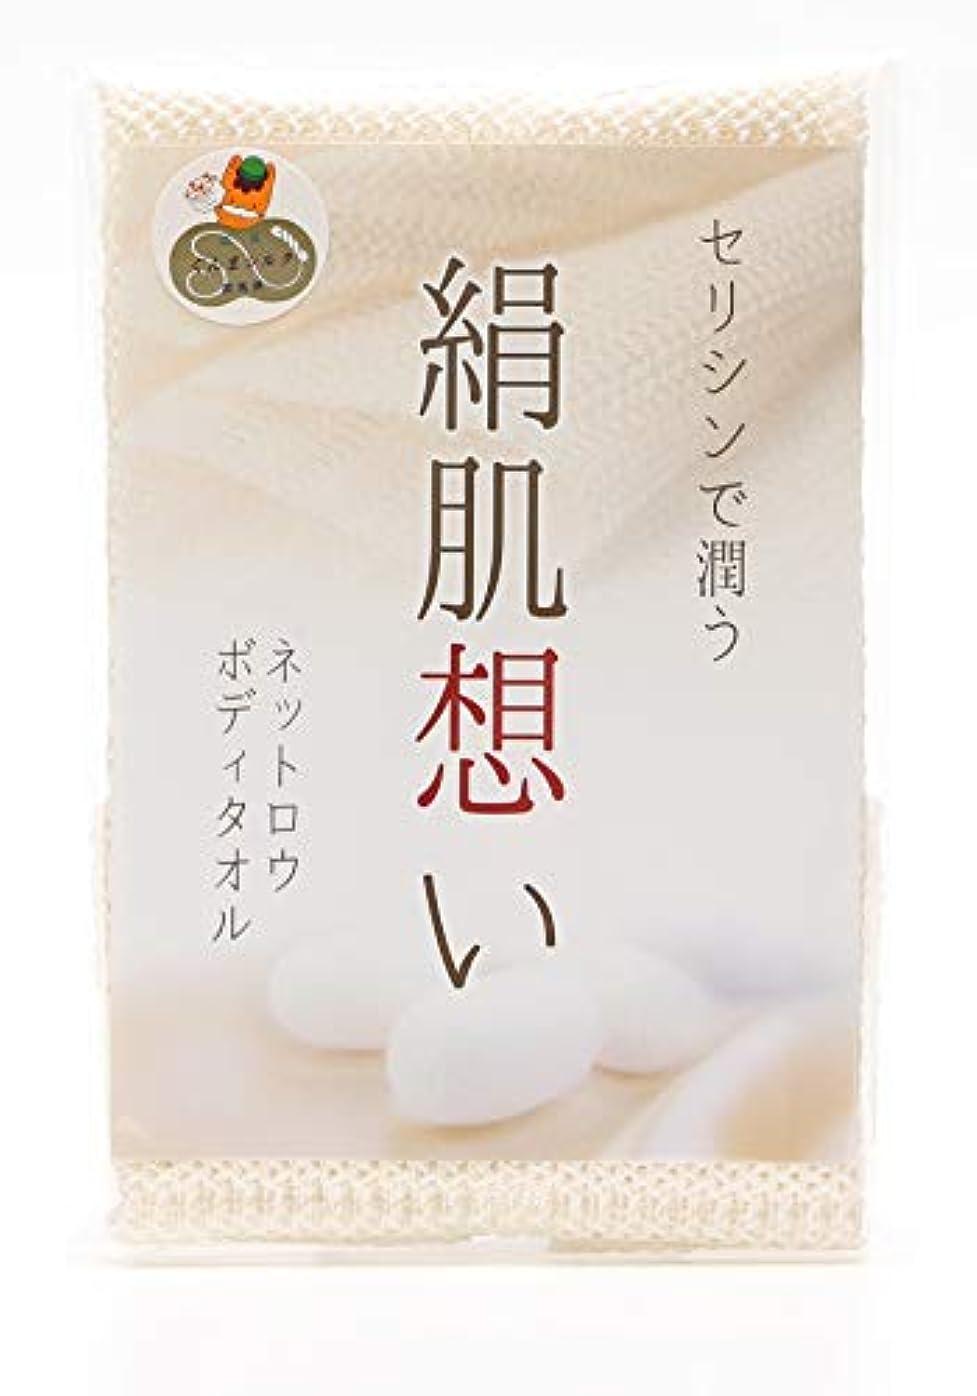 上回る有名なスカルク[ハッピーシルク] シルクボディータオル 「絹肌想い 」浴用ボディタオル セリシンで潤う シルク100% ネットロウ